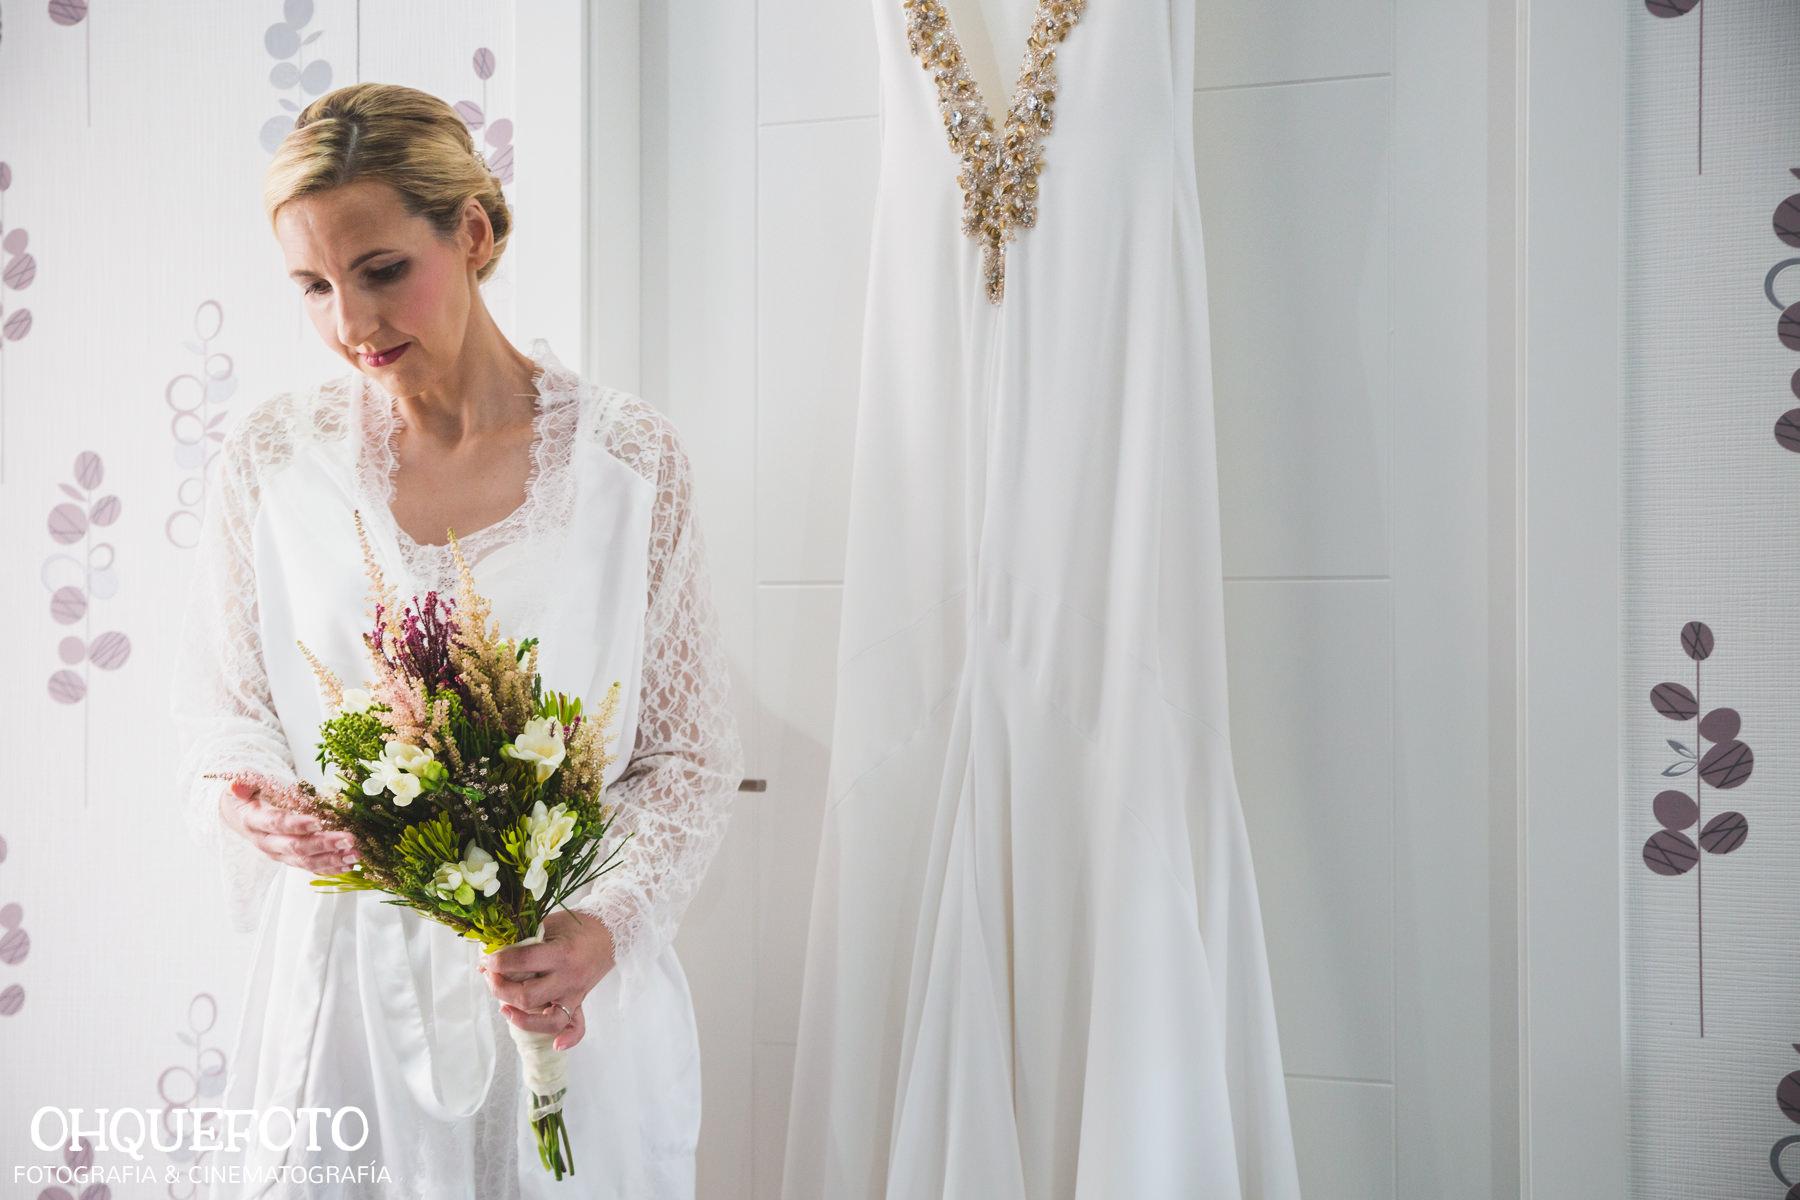 boda en la peraleda boda en cabeza del buey boda en capilla reportaje de bodas en almaden video de bodas en cordoba433 - Jose y Gema - Boda en Zarza Capilla y la Finca La Peraleda (Chillón)